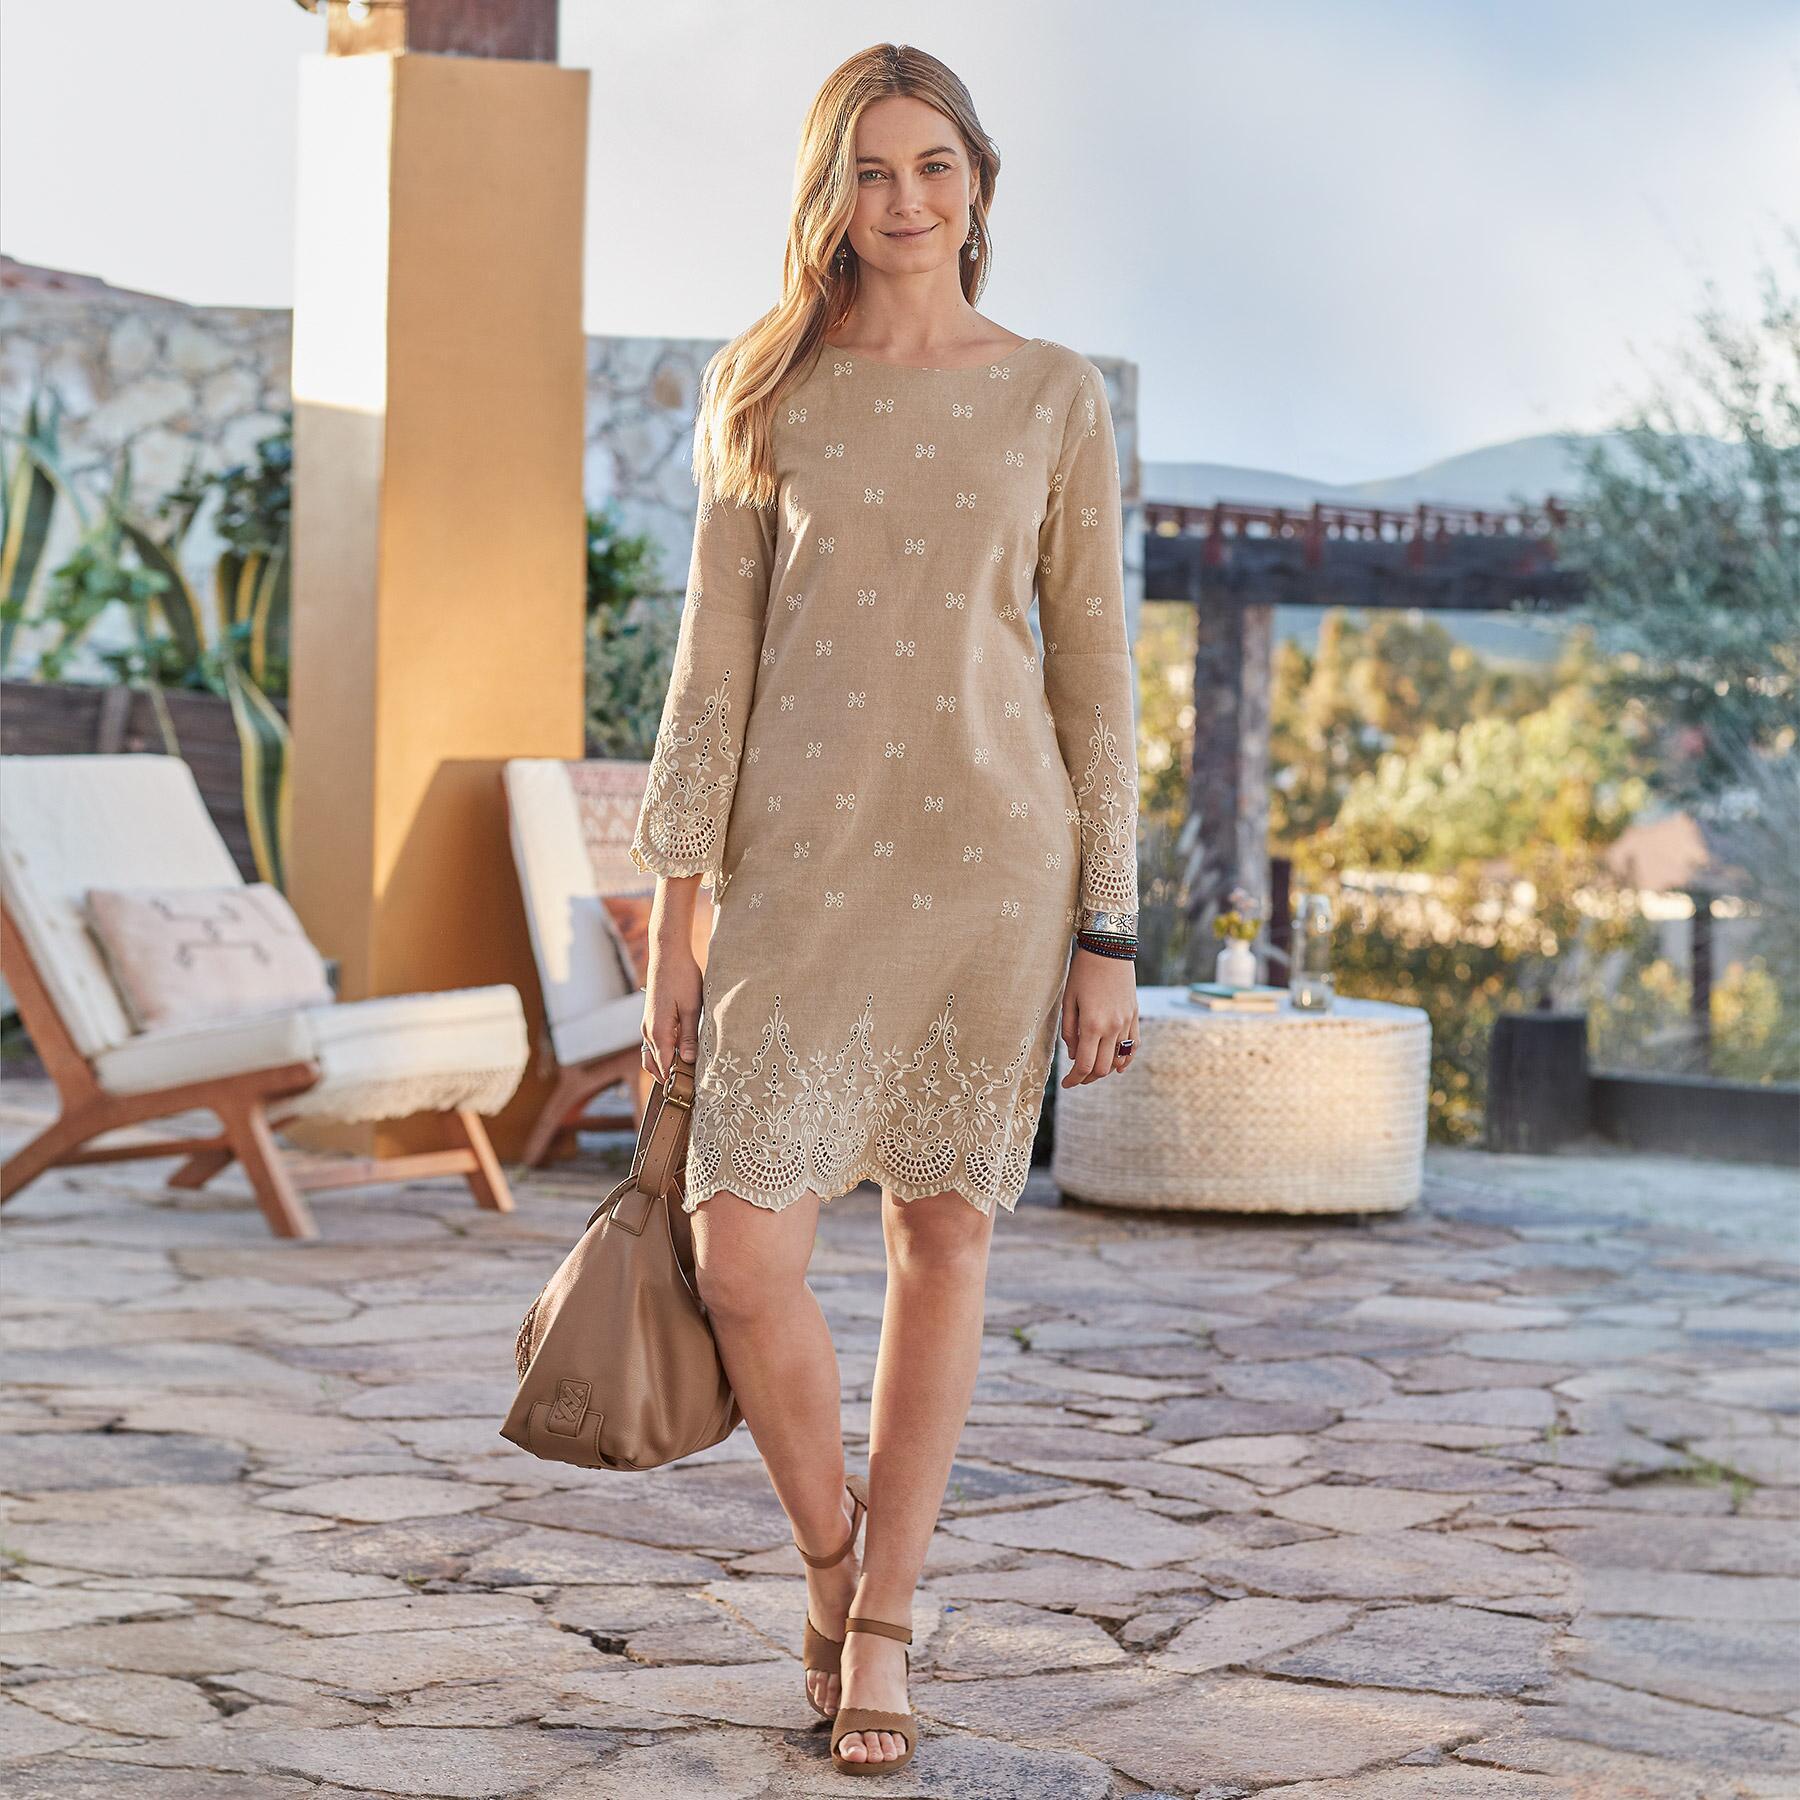 ROYAL BEAUTY DRESS - PETITES: View 1